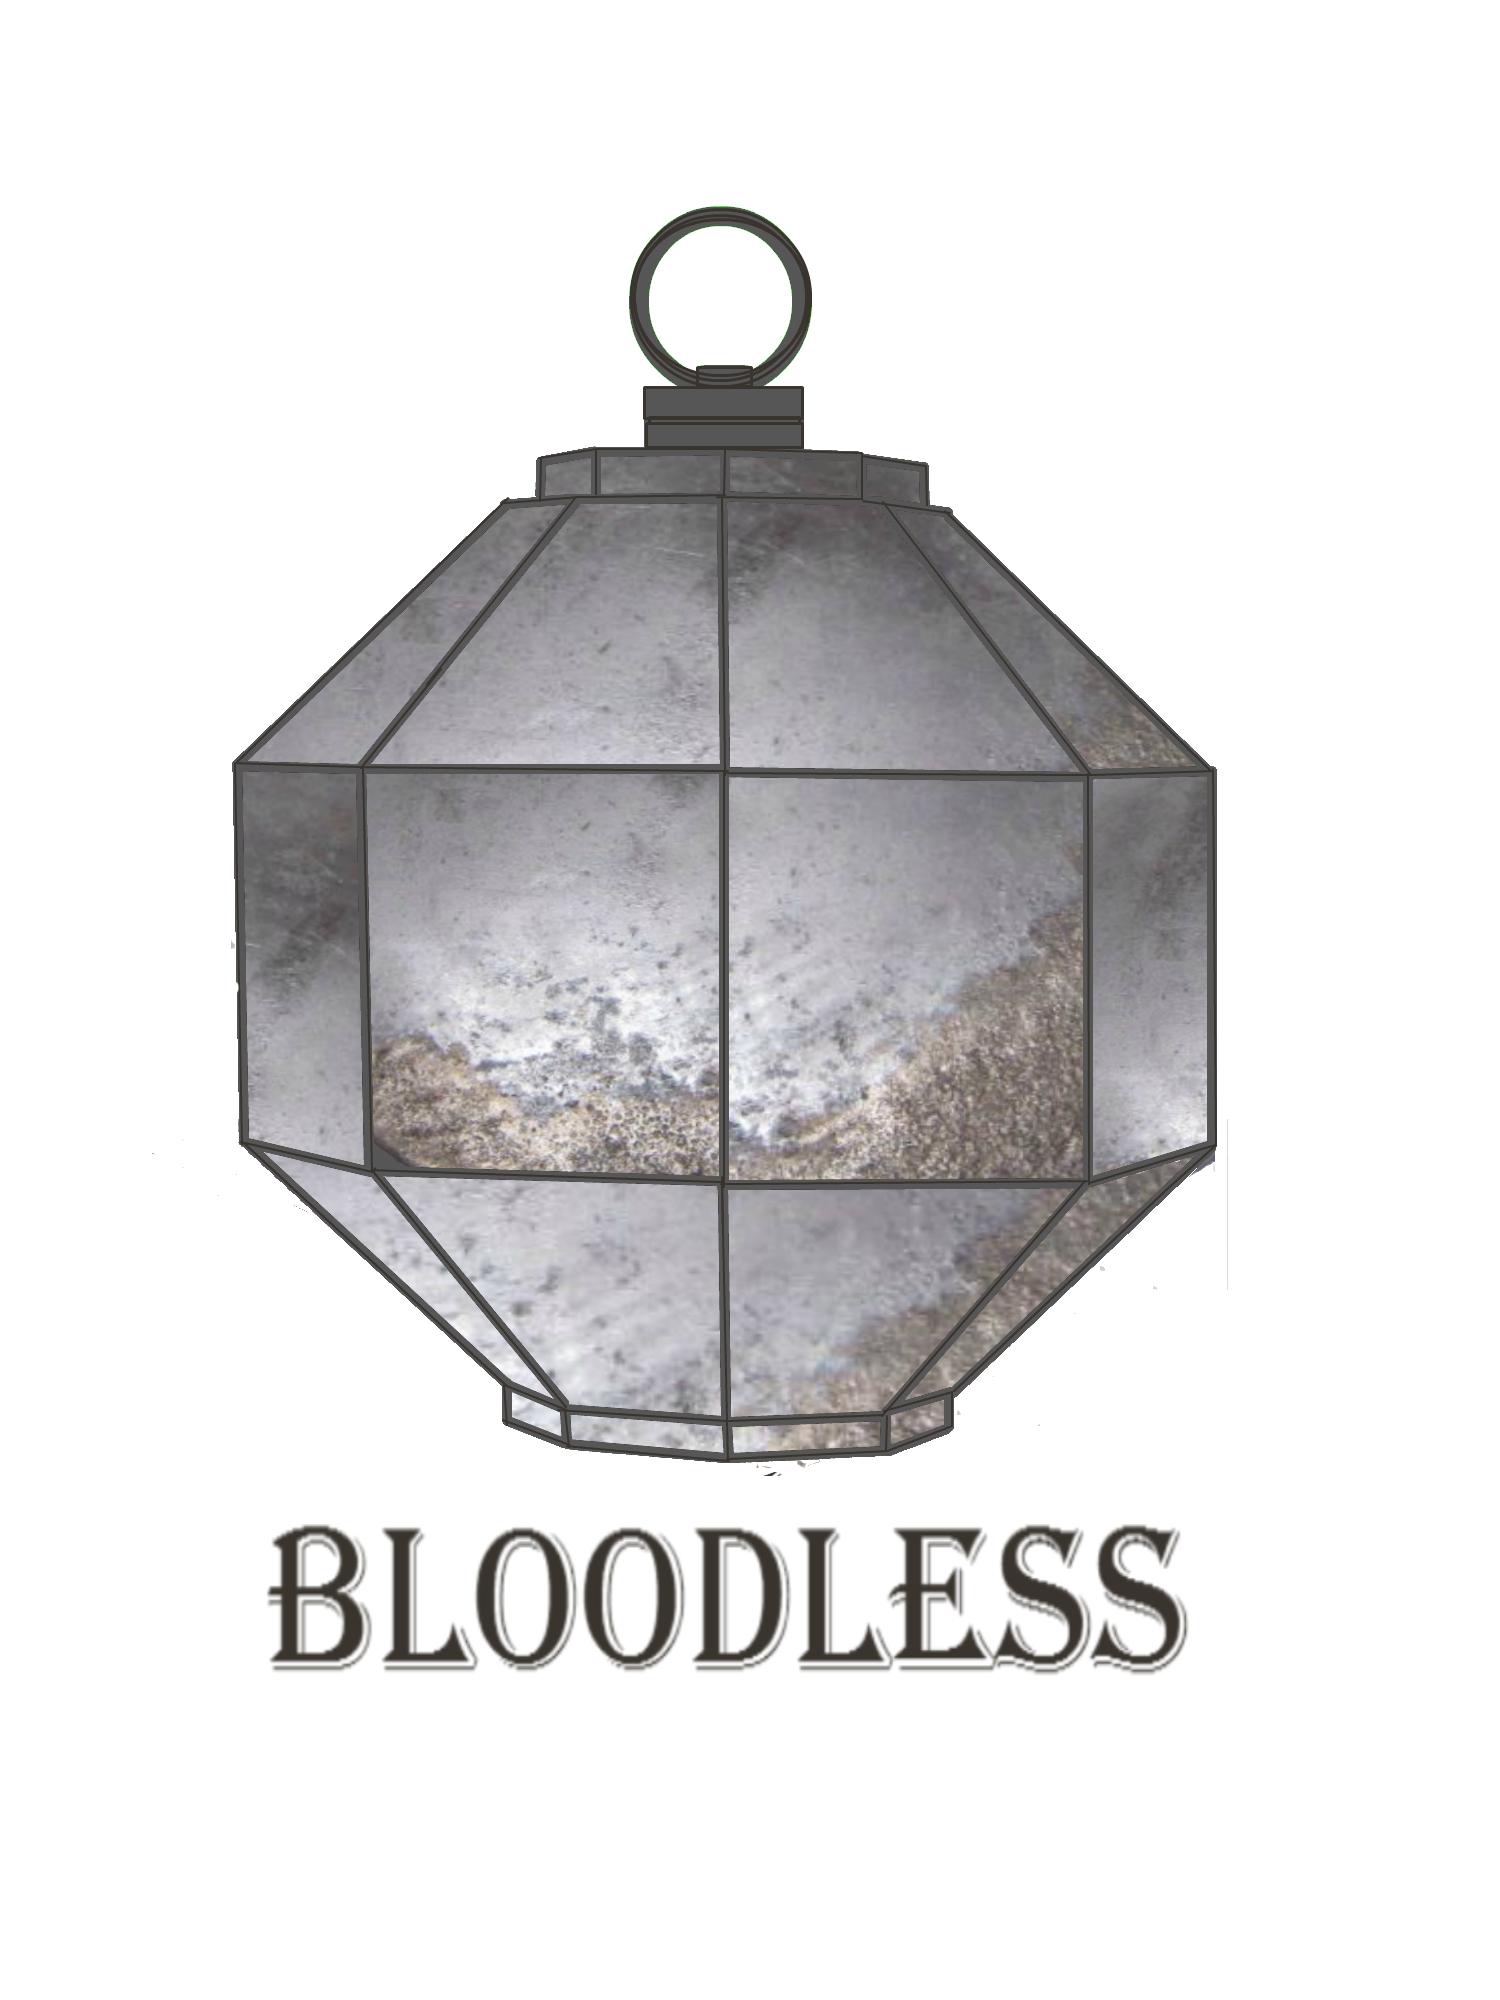 BLOODLESS 2.jpg